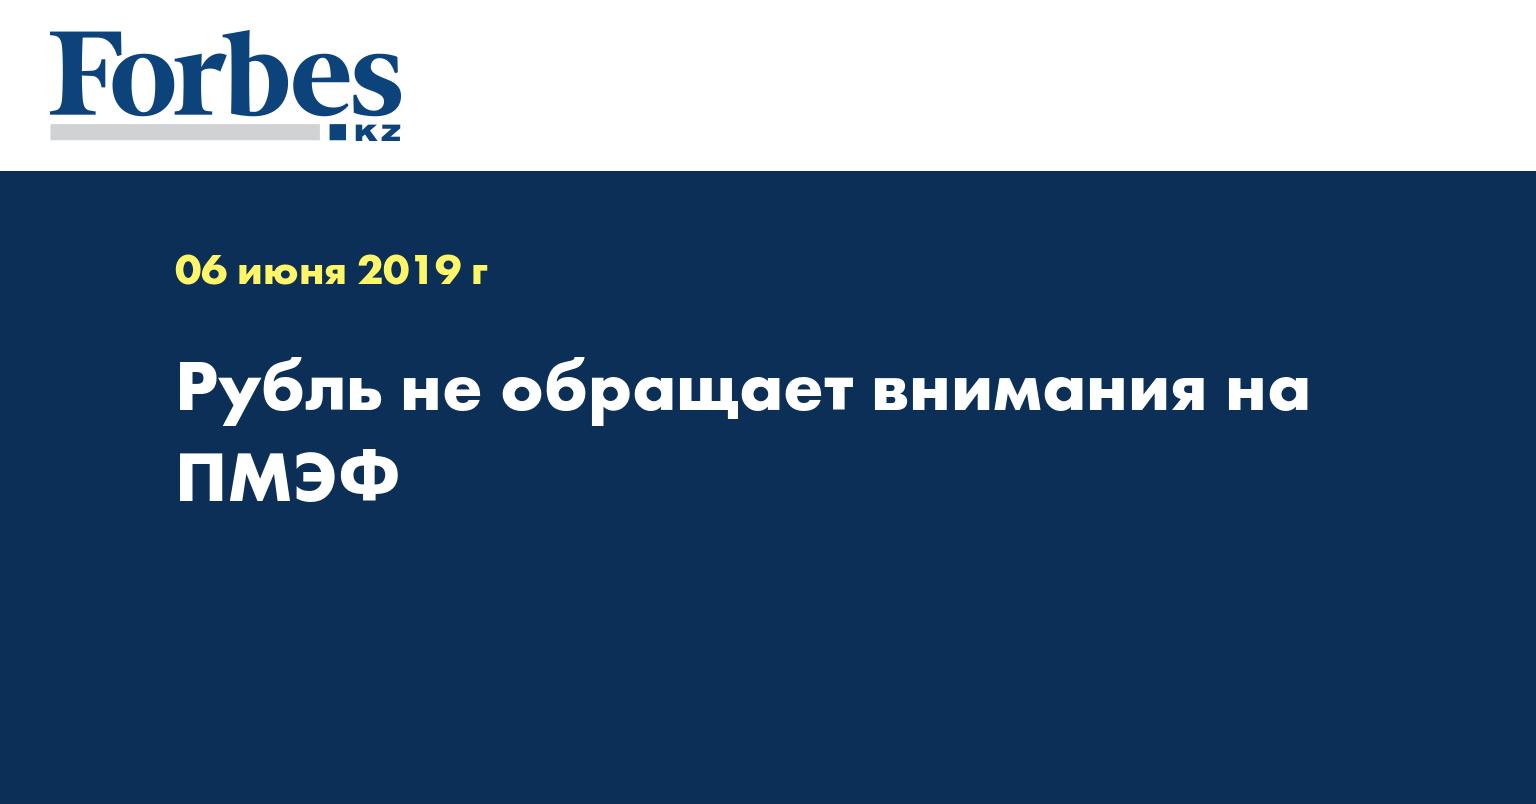 Рубль не обращает внимания на ПМЭФ